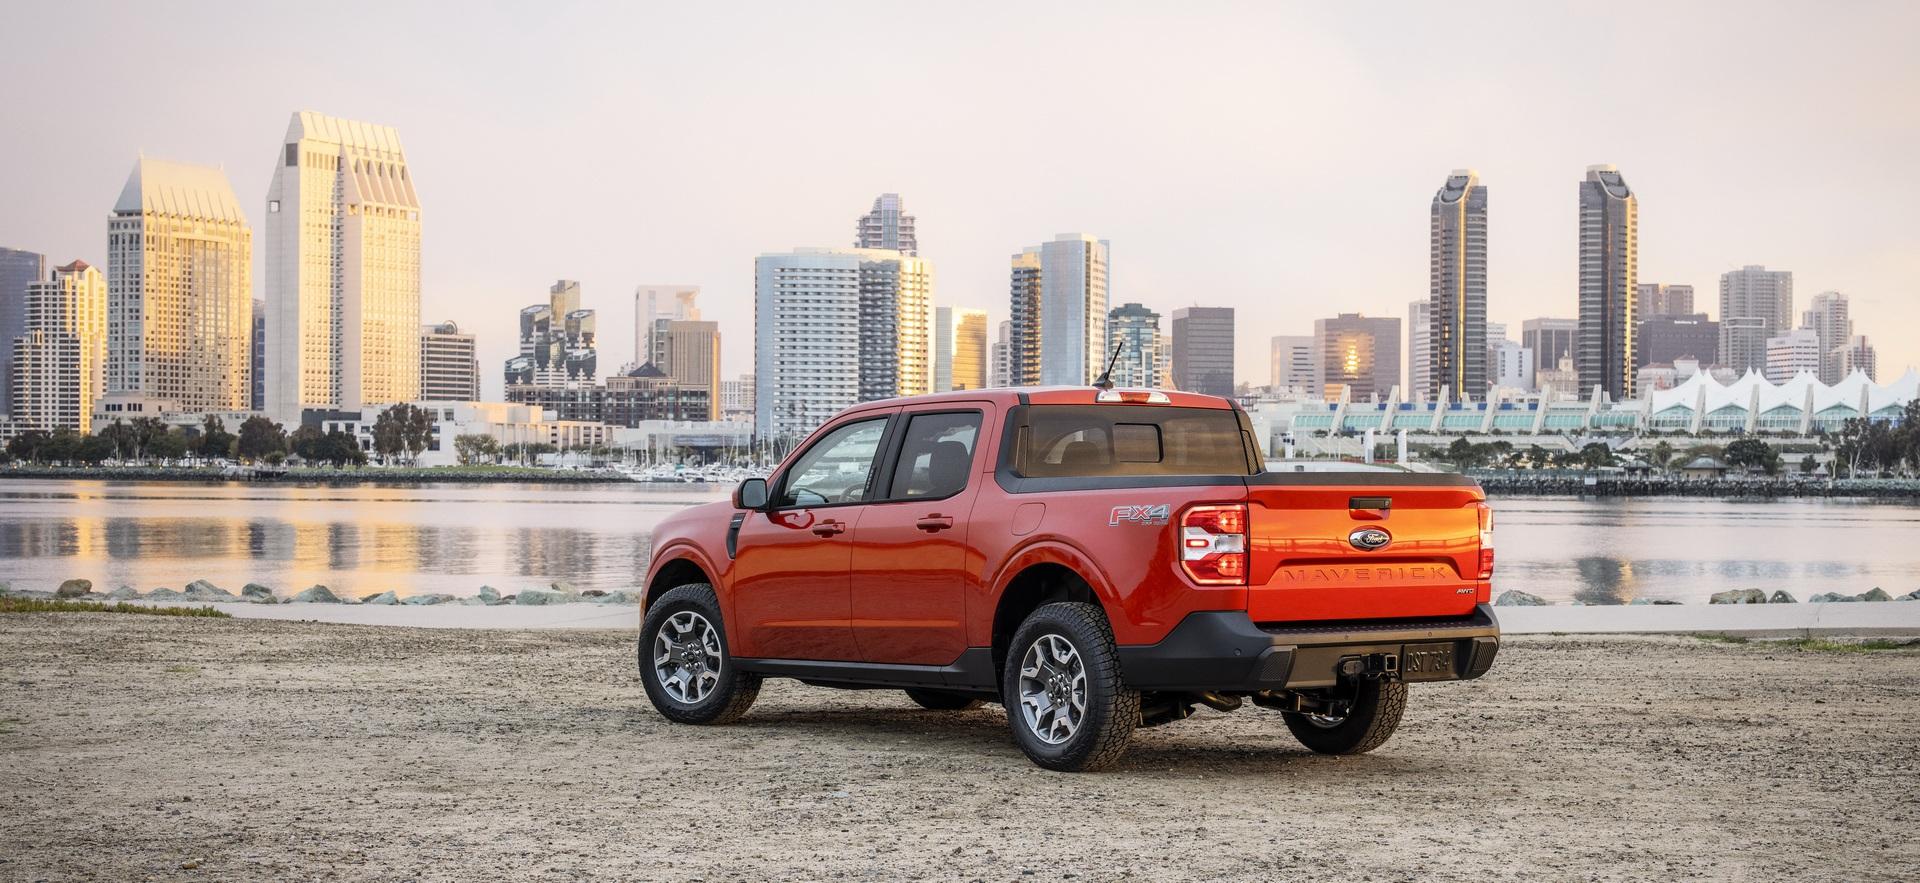 Ford ra mắt mẫu xe bán tải Maverick nhỏ hơn Ranger - 9